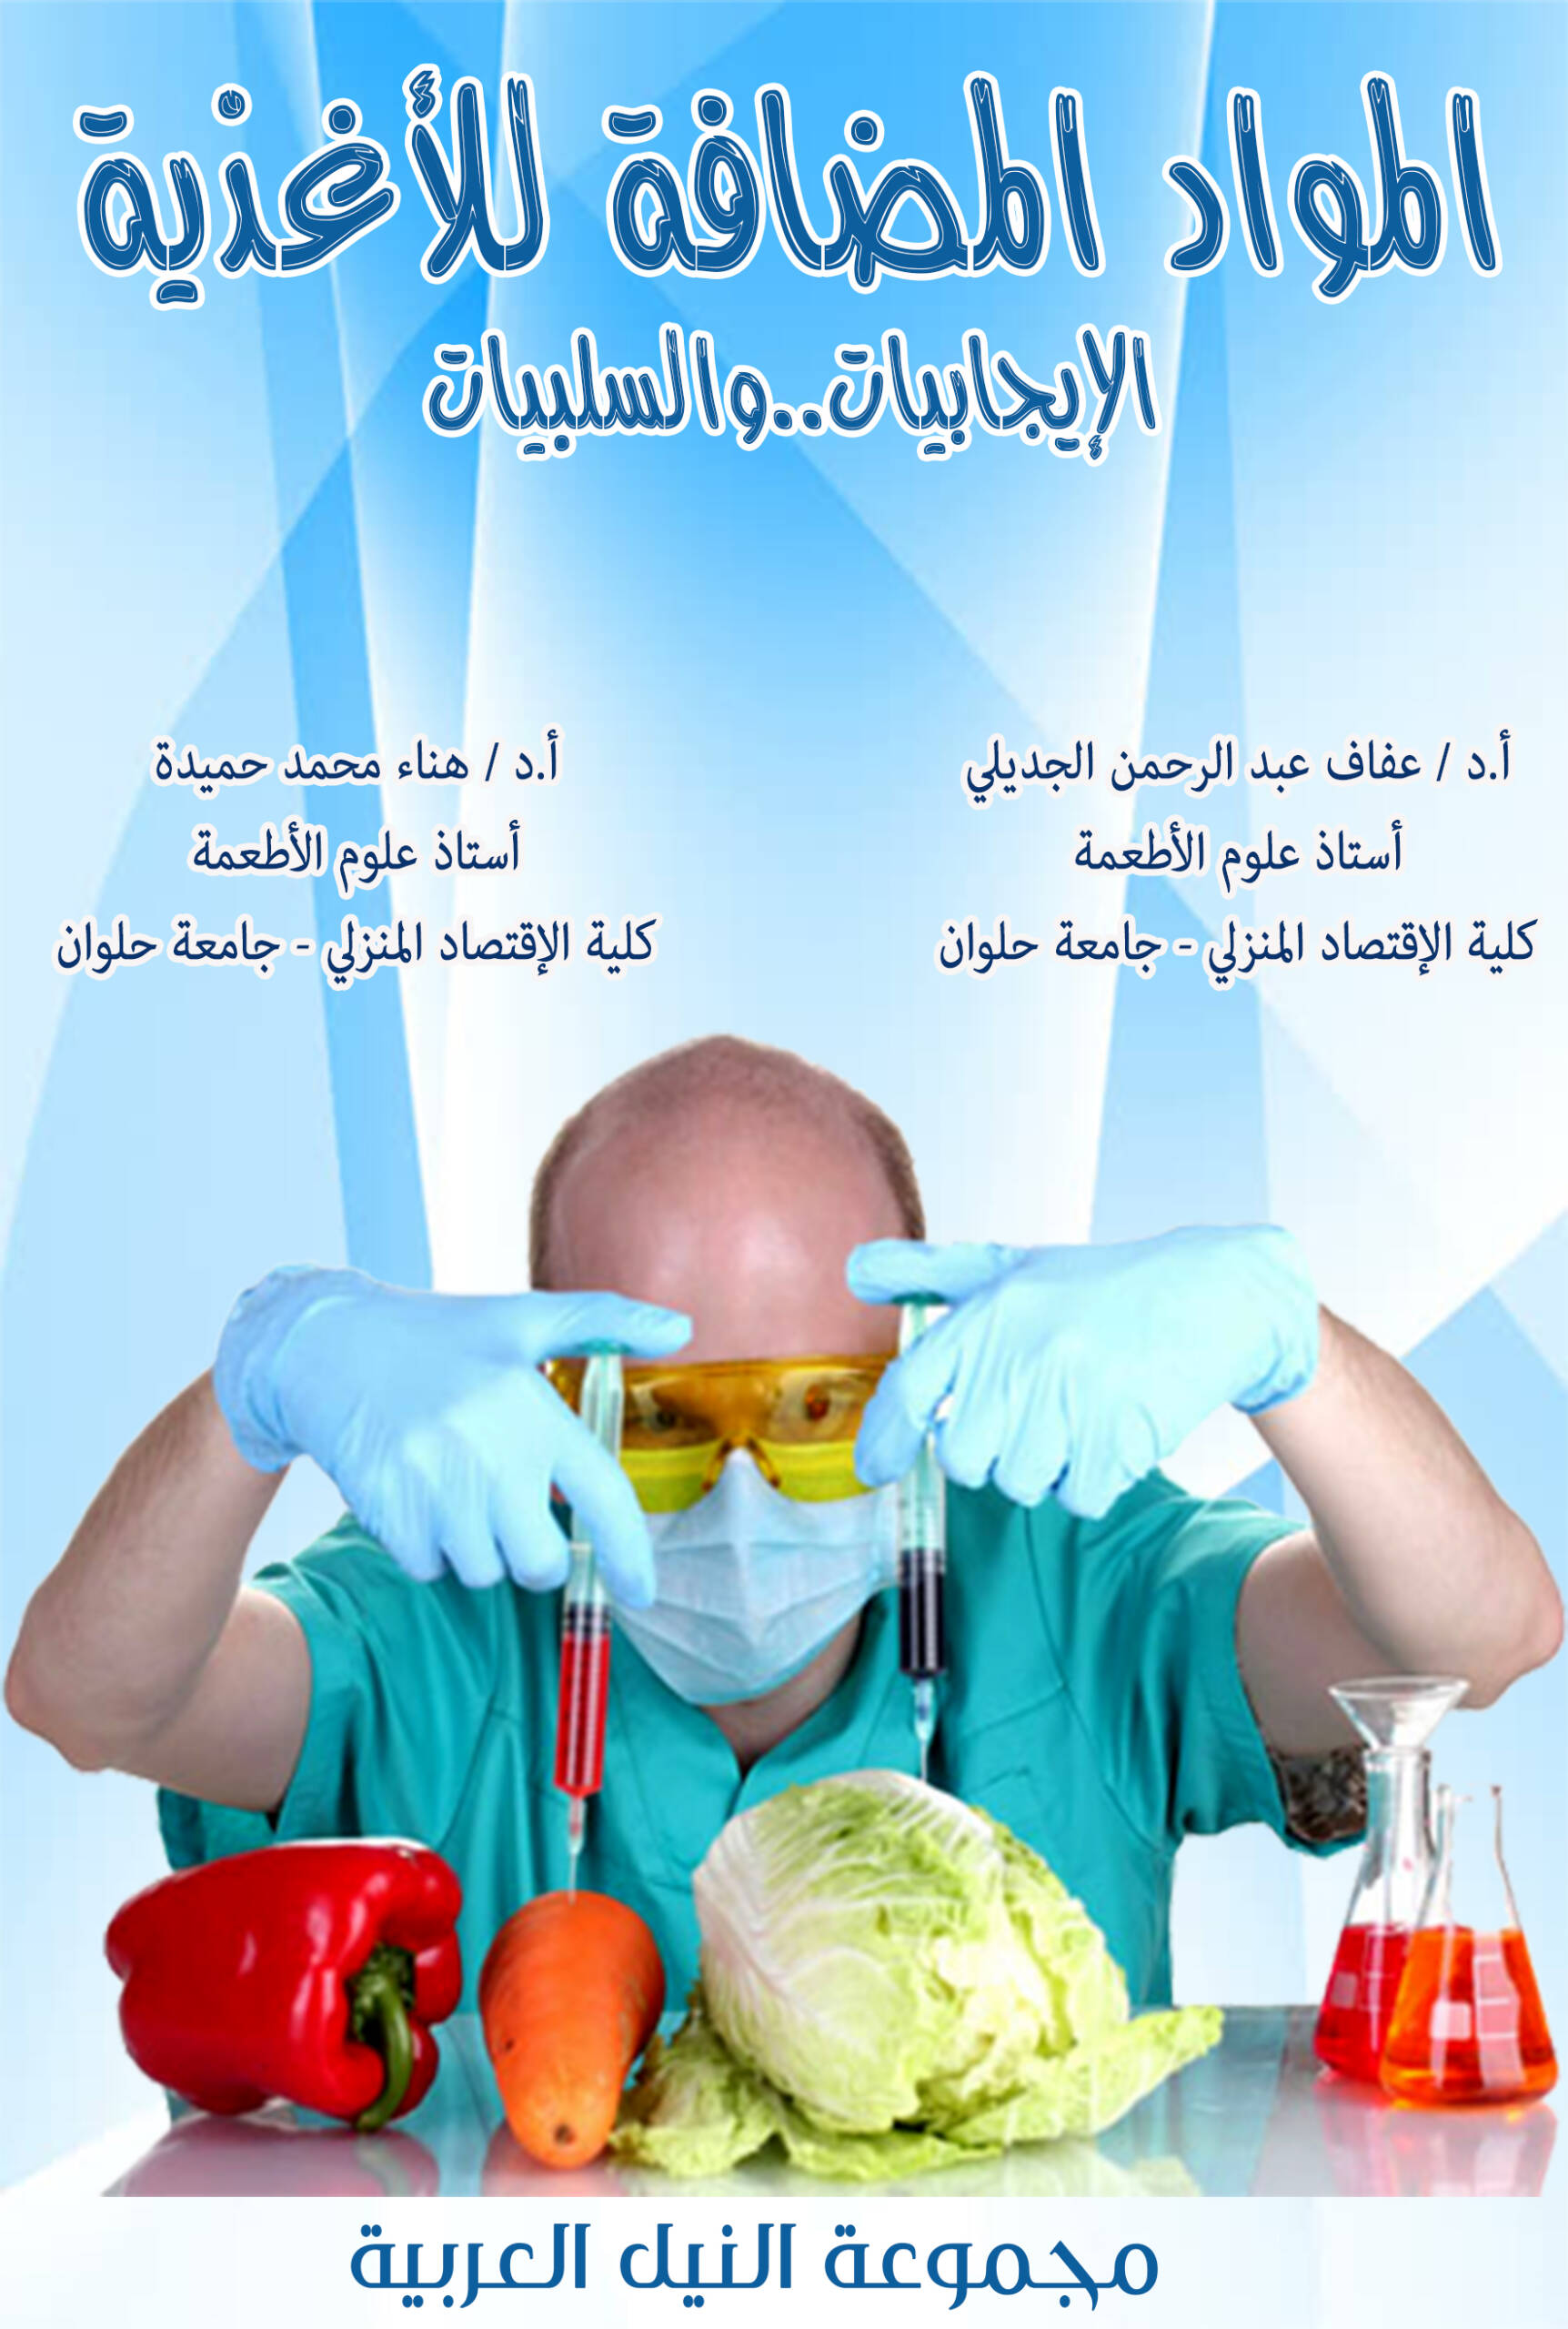 المواد المضافة للأغذية